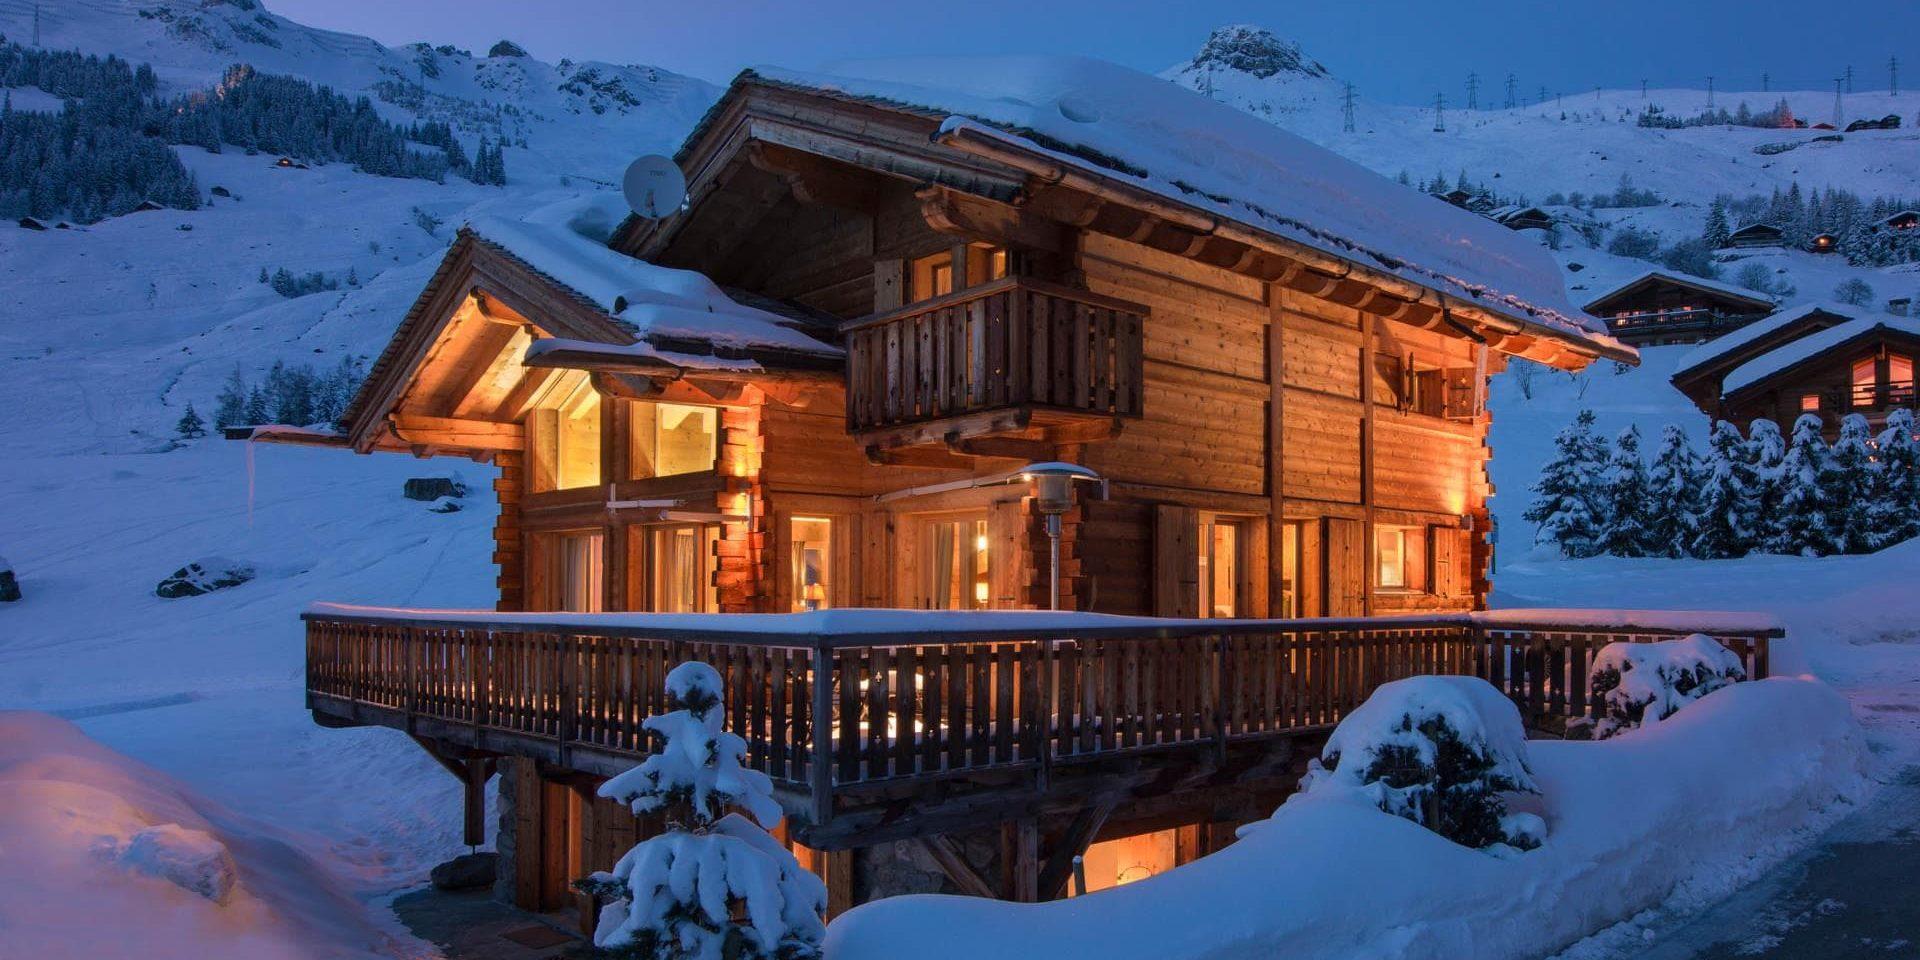 Chalet Pierre Avoi Verbier Les 4 Vallees Zwitserland wintersport skivakantie luxe chalet voorkant balkon verlichting ligging sneeuw uitzicht bergen by night